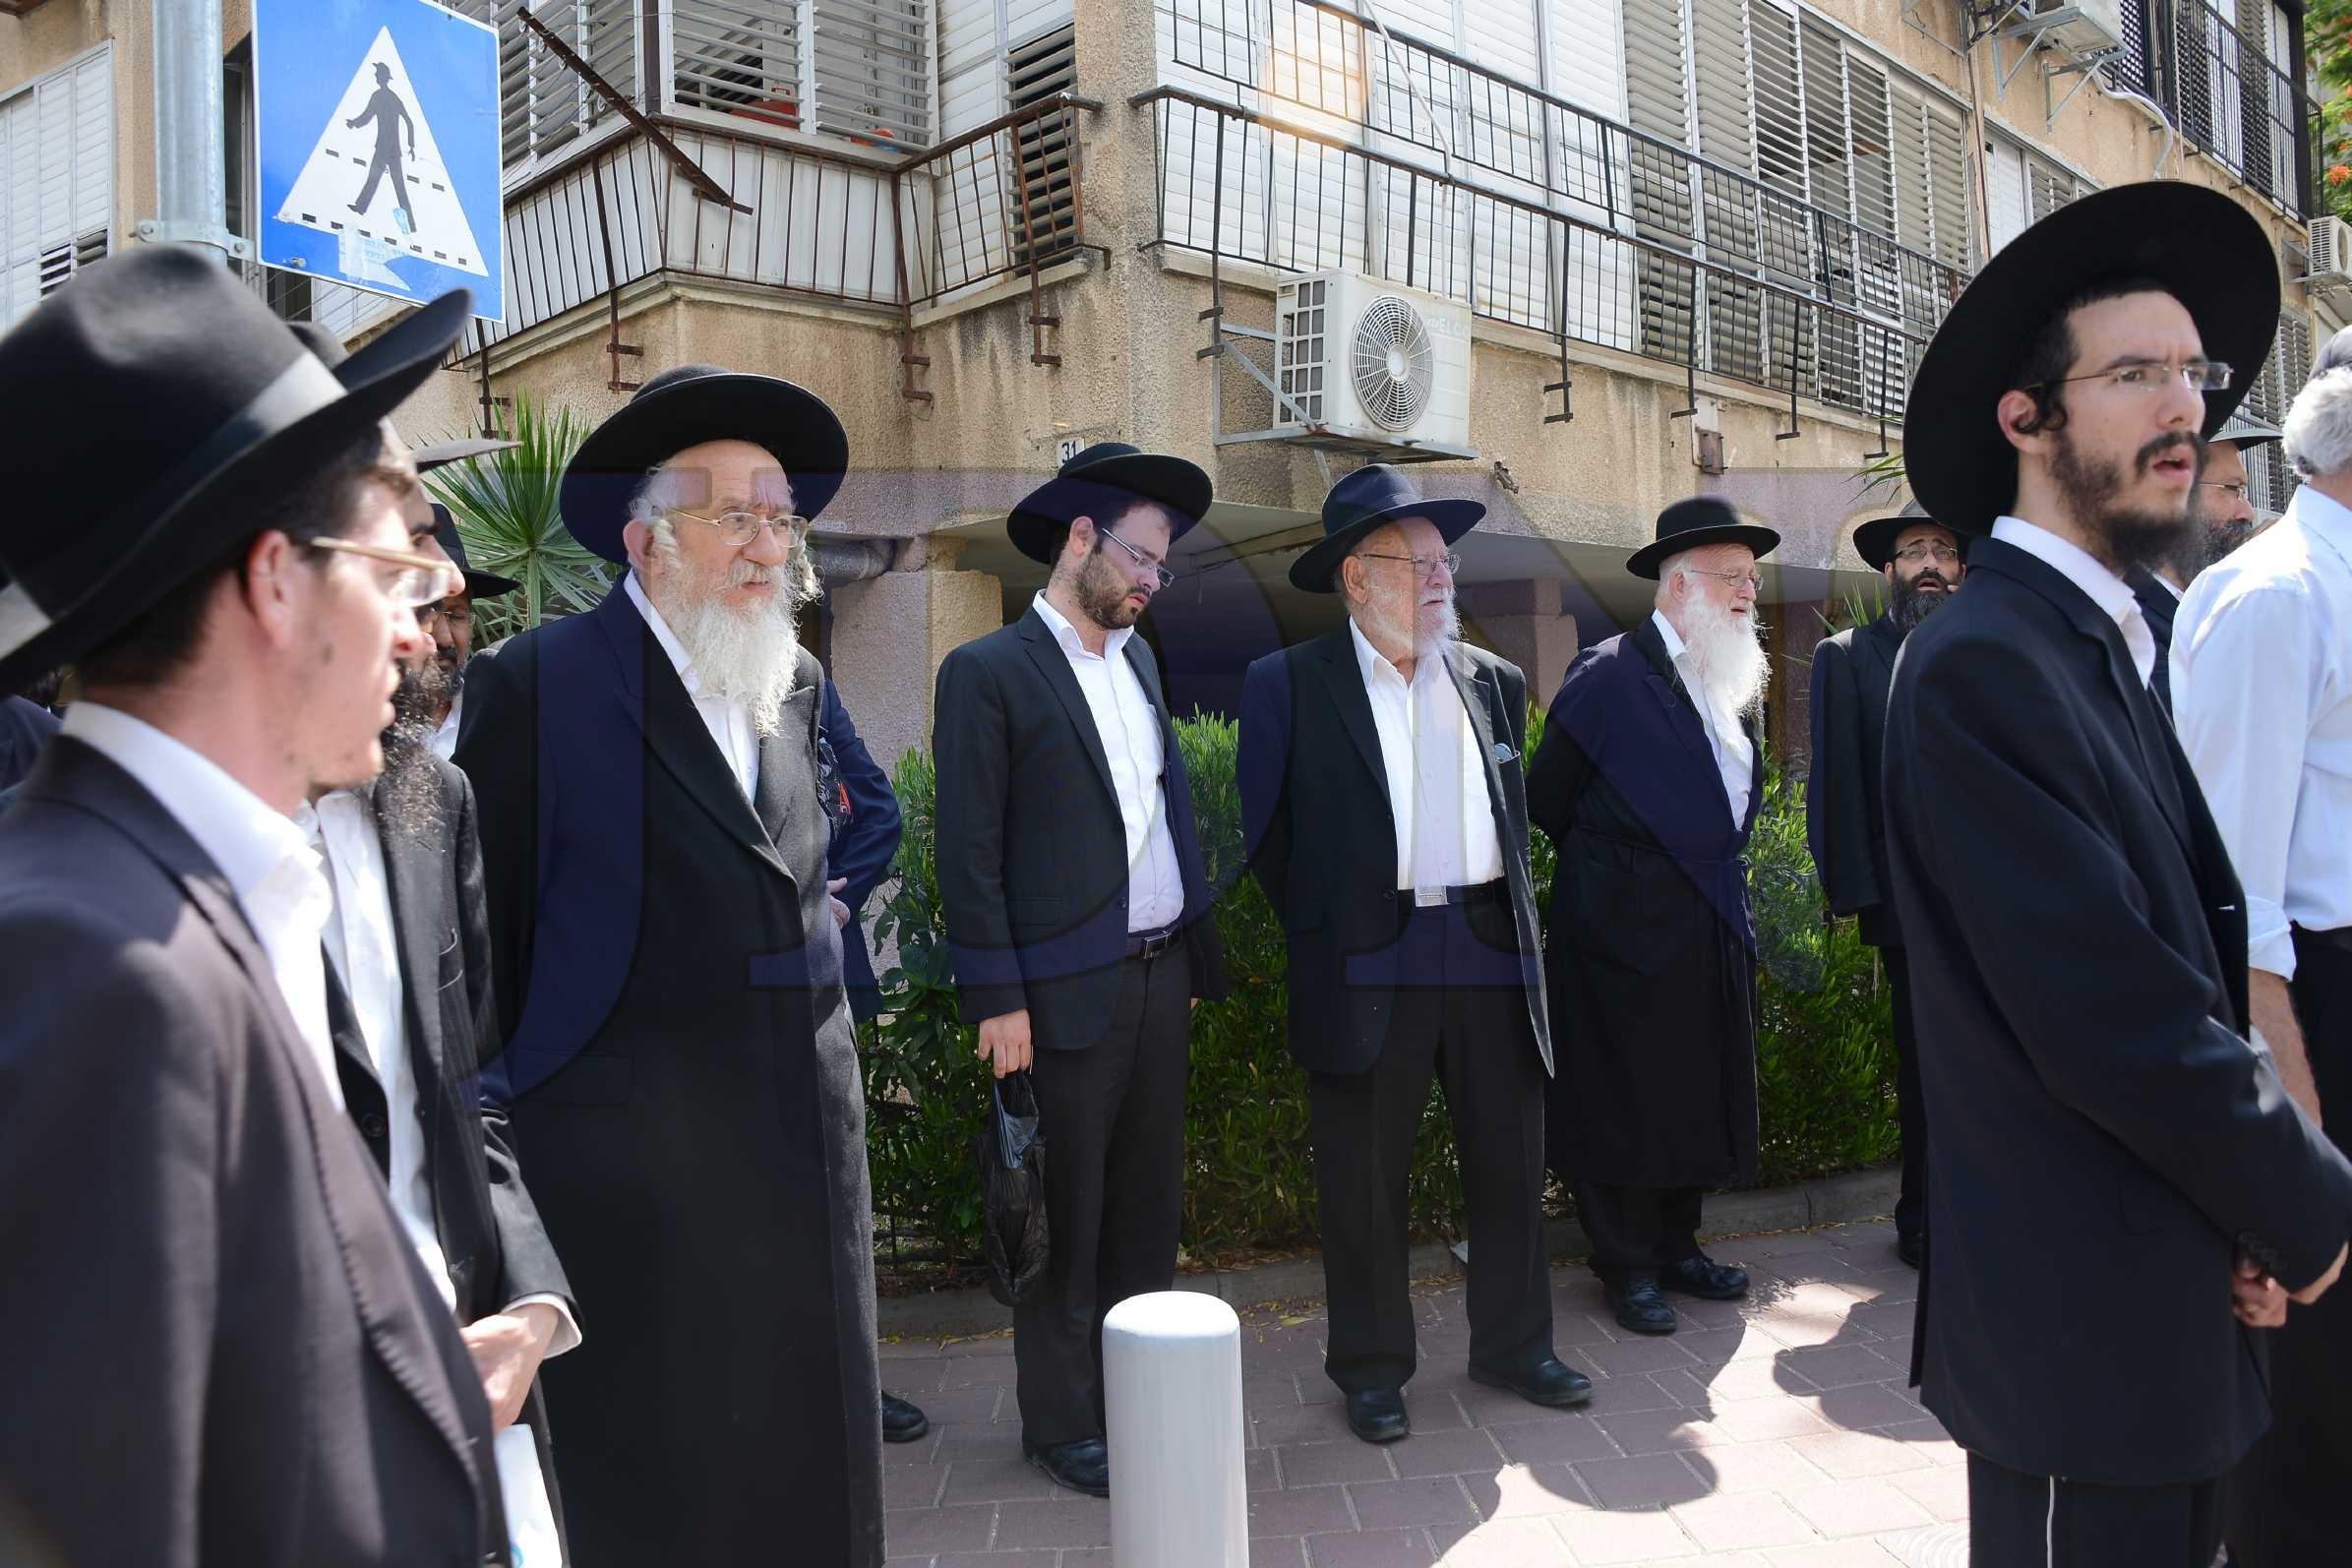 Ортодоксальных иудеев оградили от «возбуждающей» Смурфетты